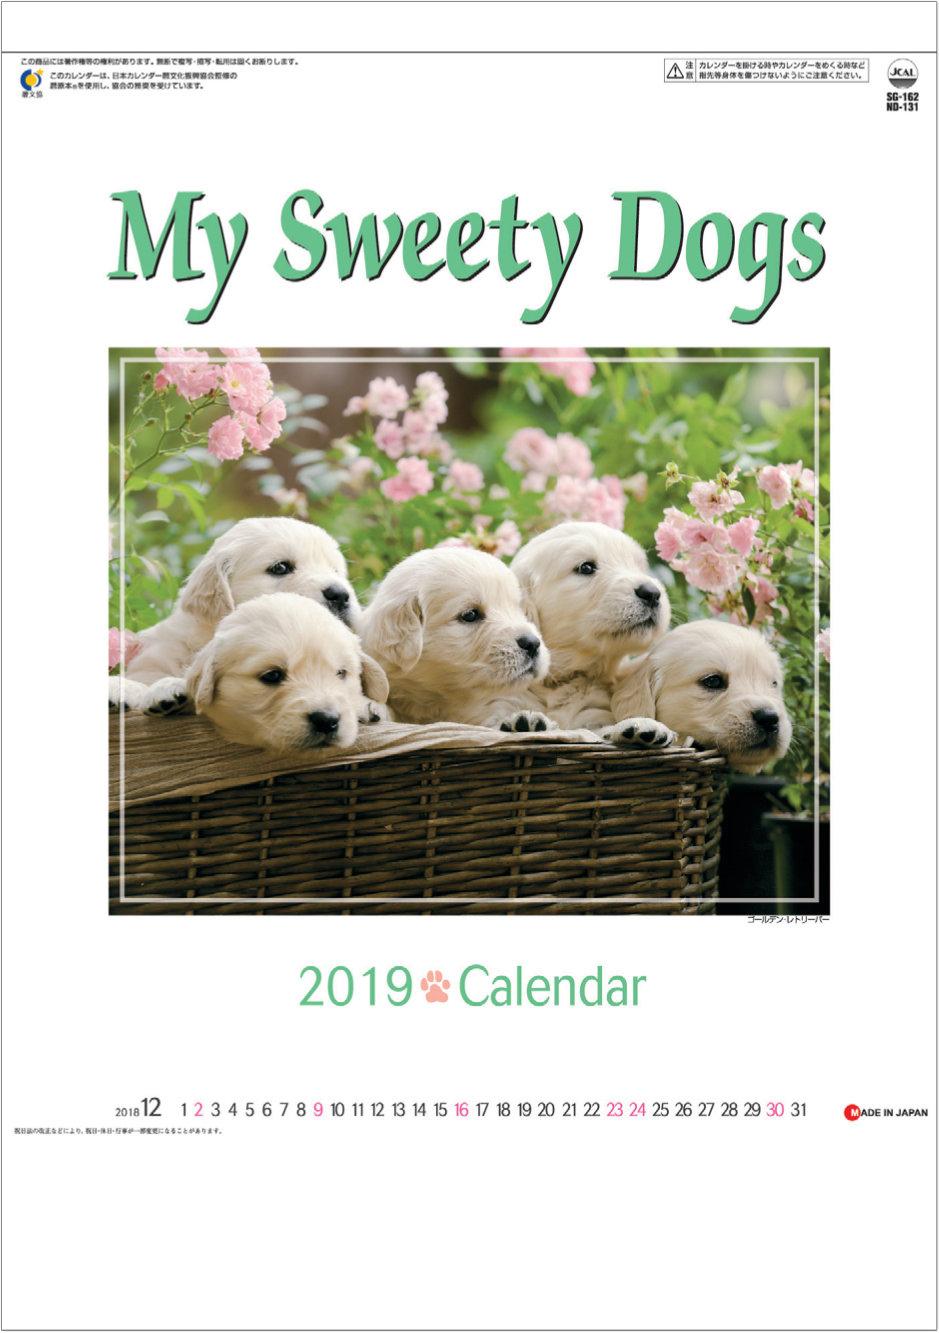 表紙 マイスウィーティードッグ 2019年カレンダーの画像